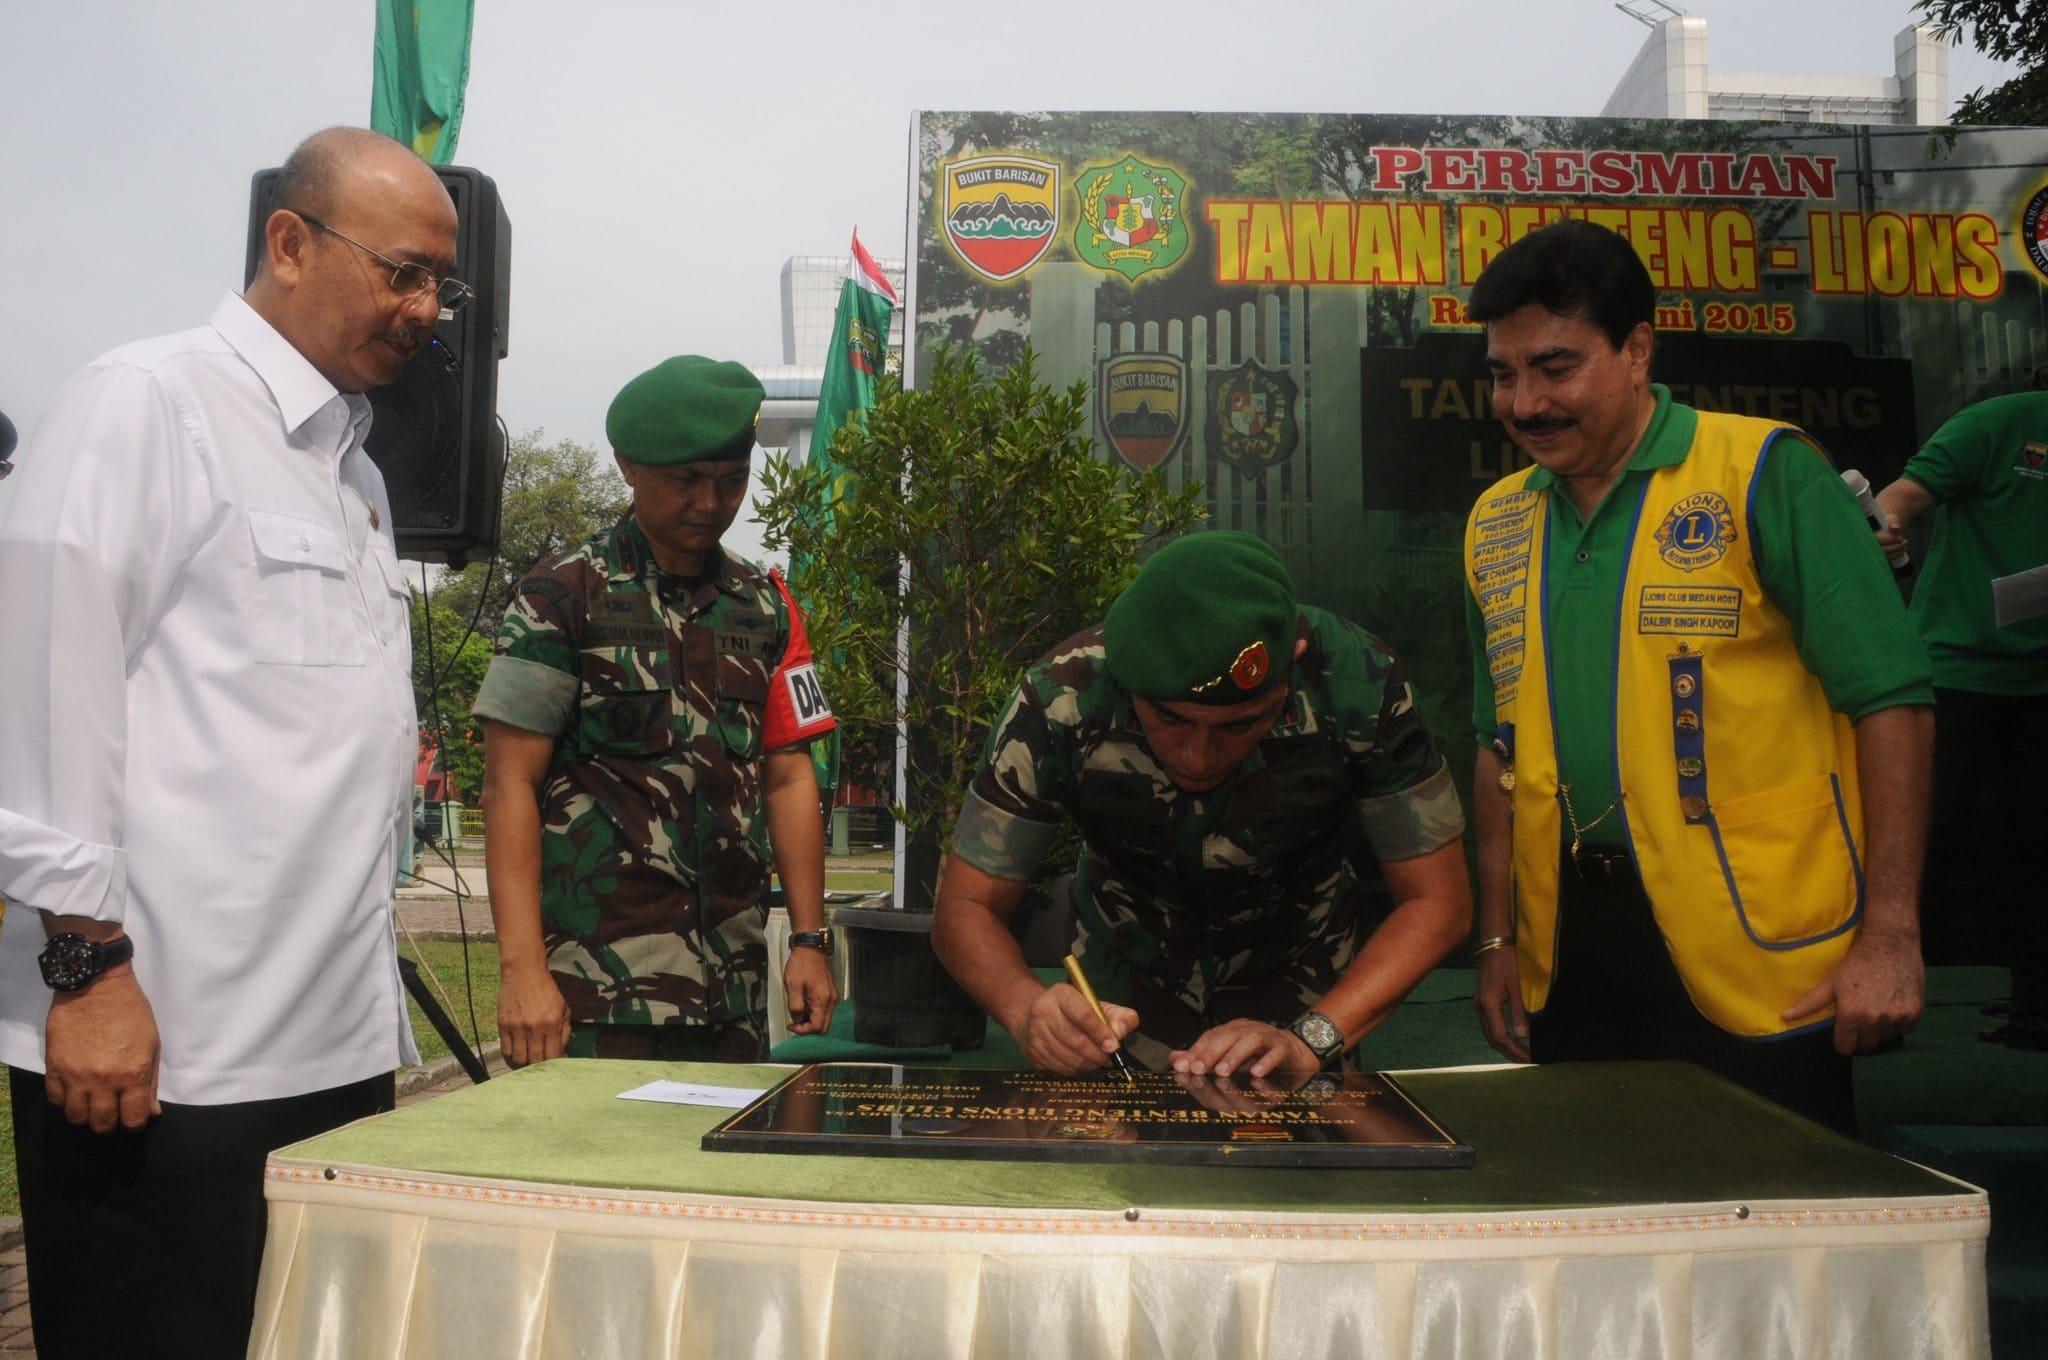 Pangdam I/Bb Resmikan Taman Benteng Lions club